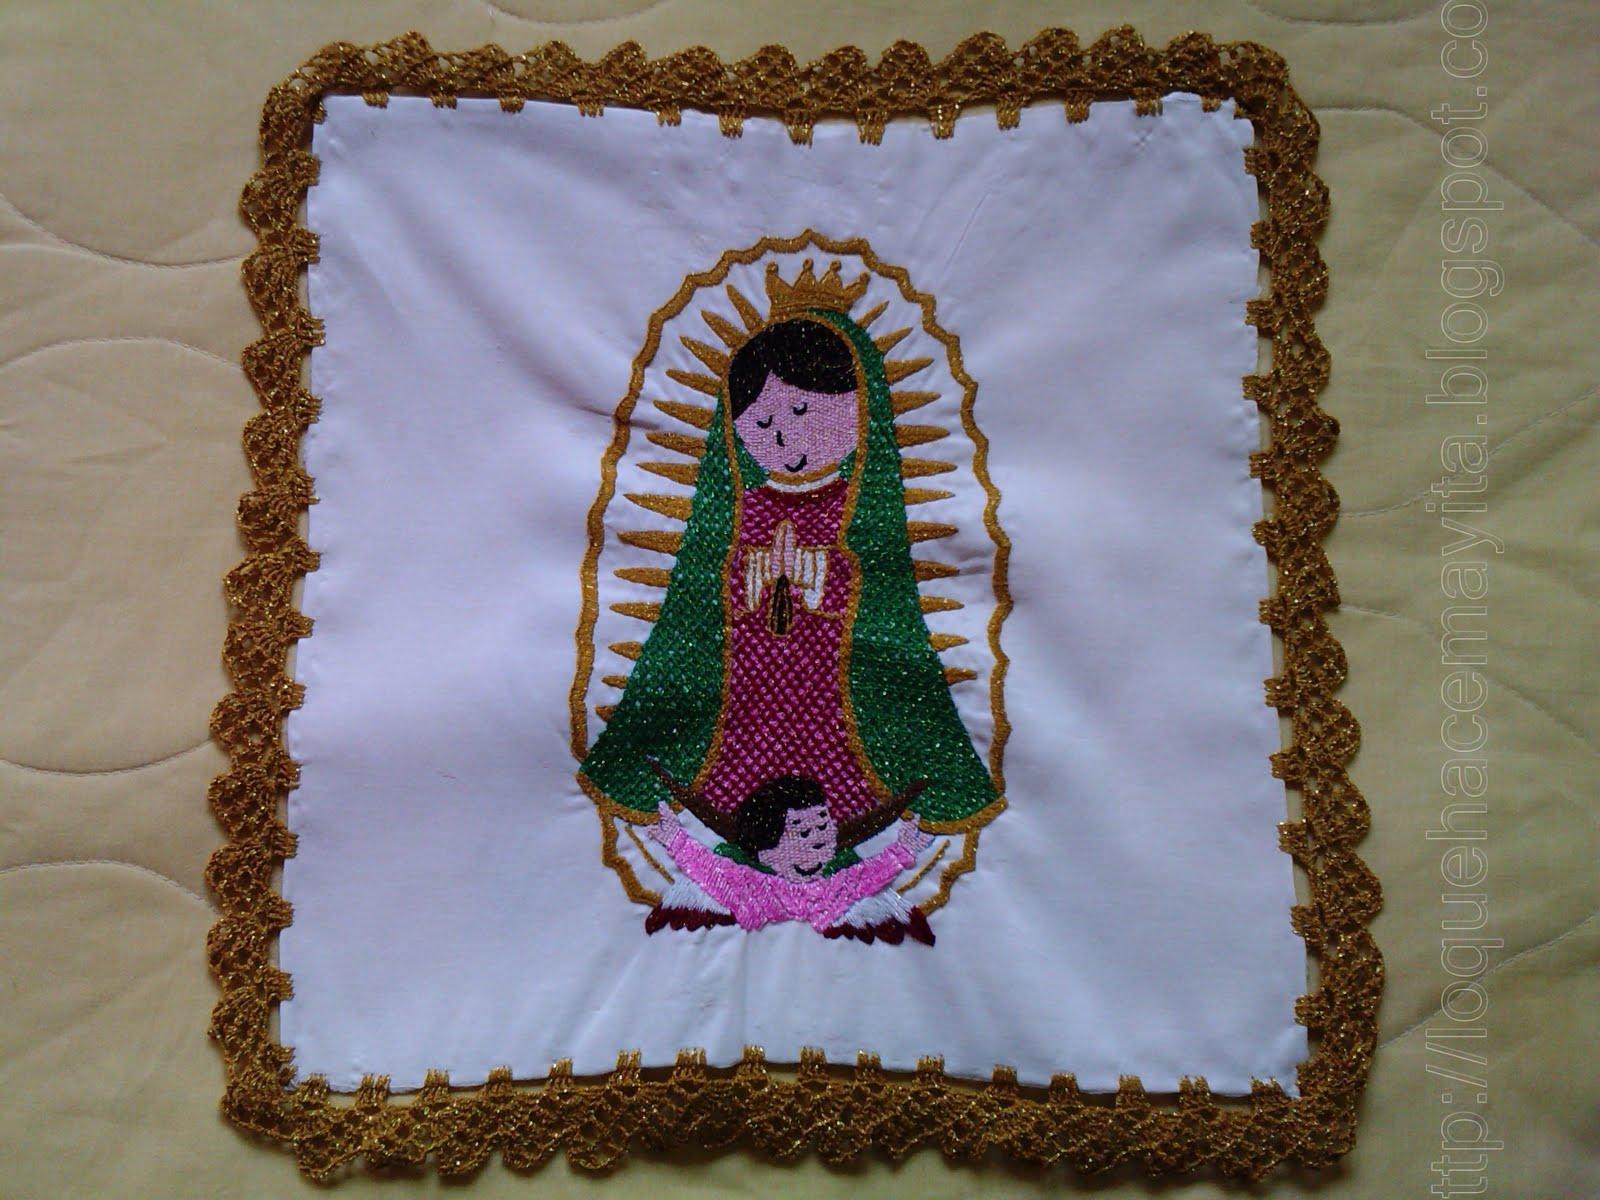 Lo que hace May-ita: Virgen de guadalupe Caricatura